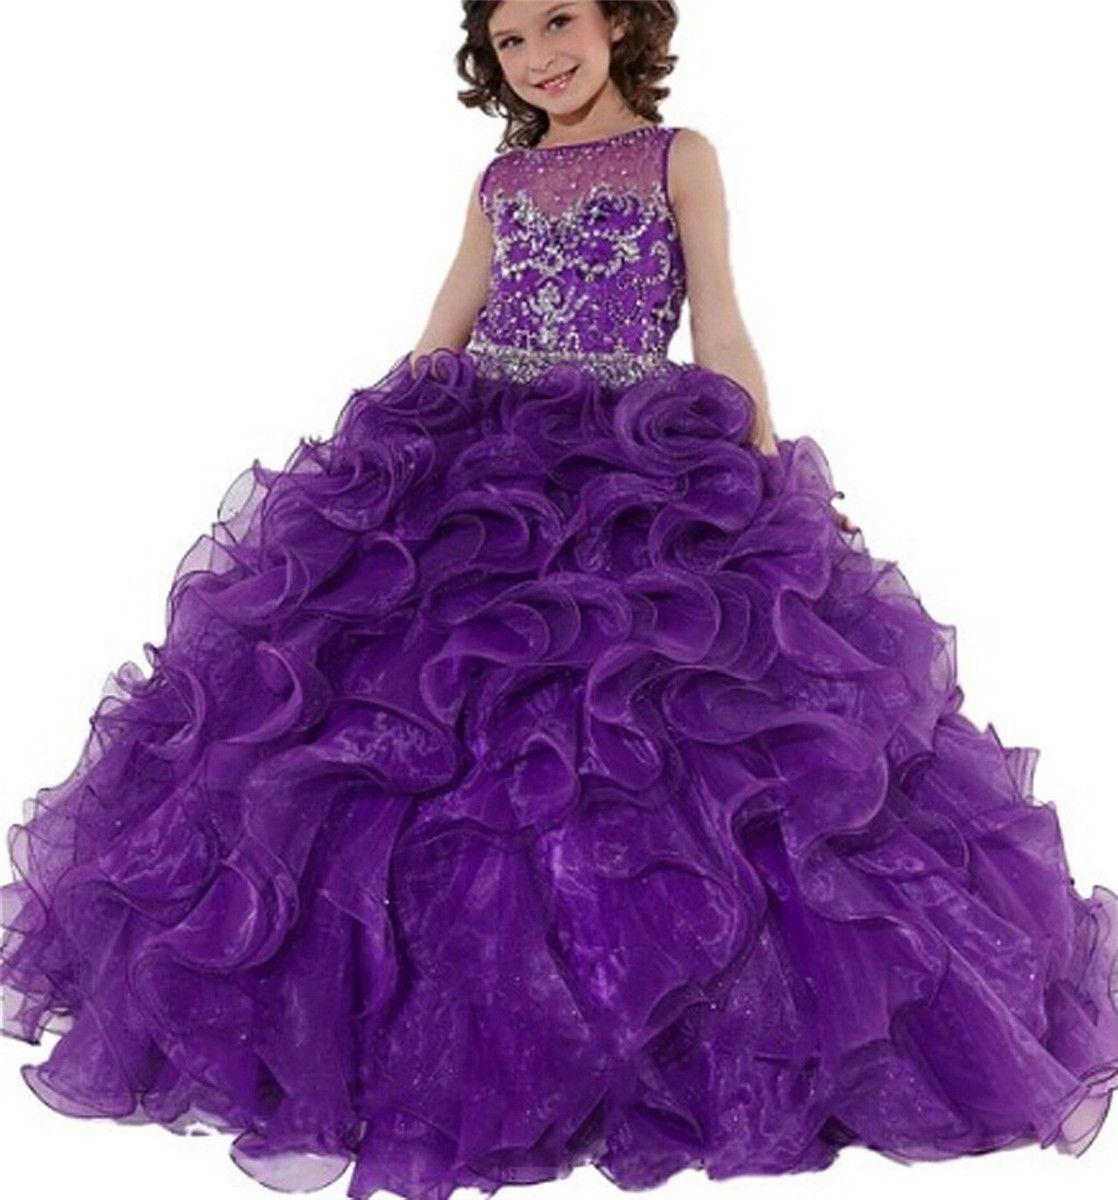 الأرجواني الأميرة الفتيات الطابق طول الكرة أثواب الزهور الاطفال الكشكشة فساتين مهرجان مخصص الأورجانزا فستان مرصع بالجواهر